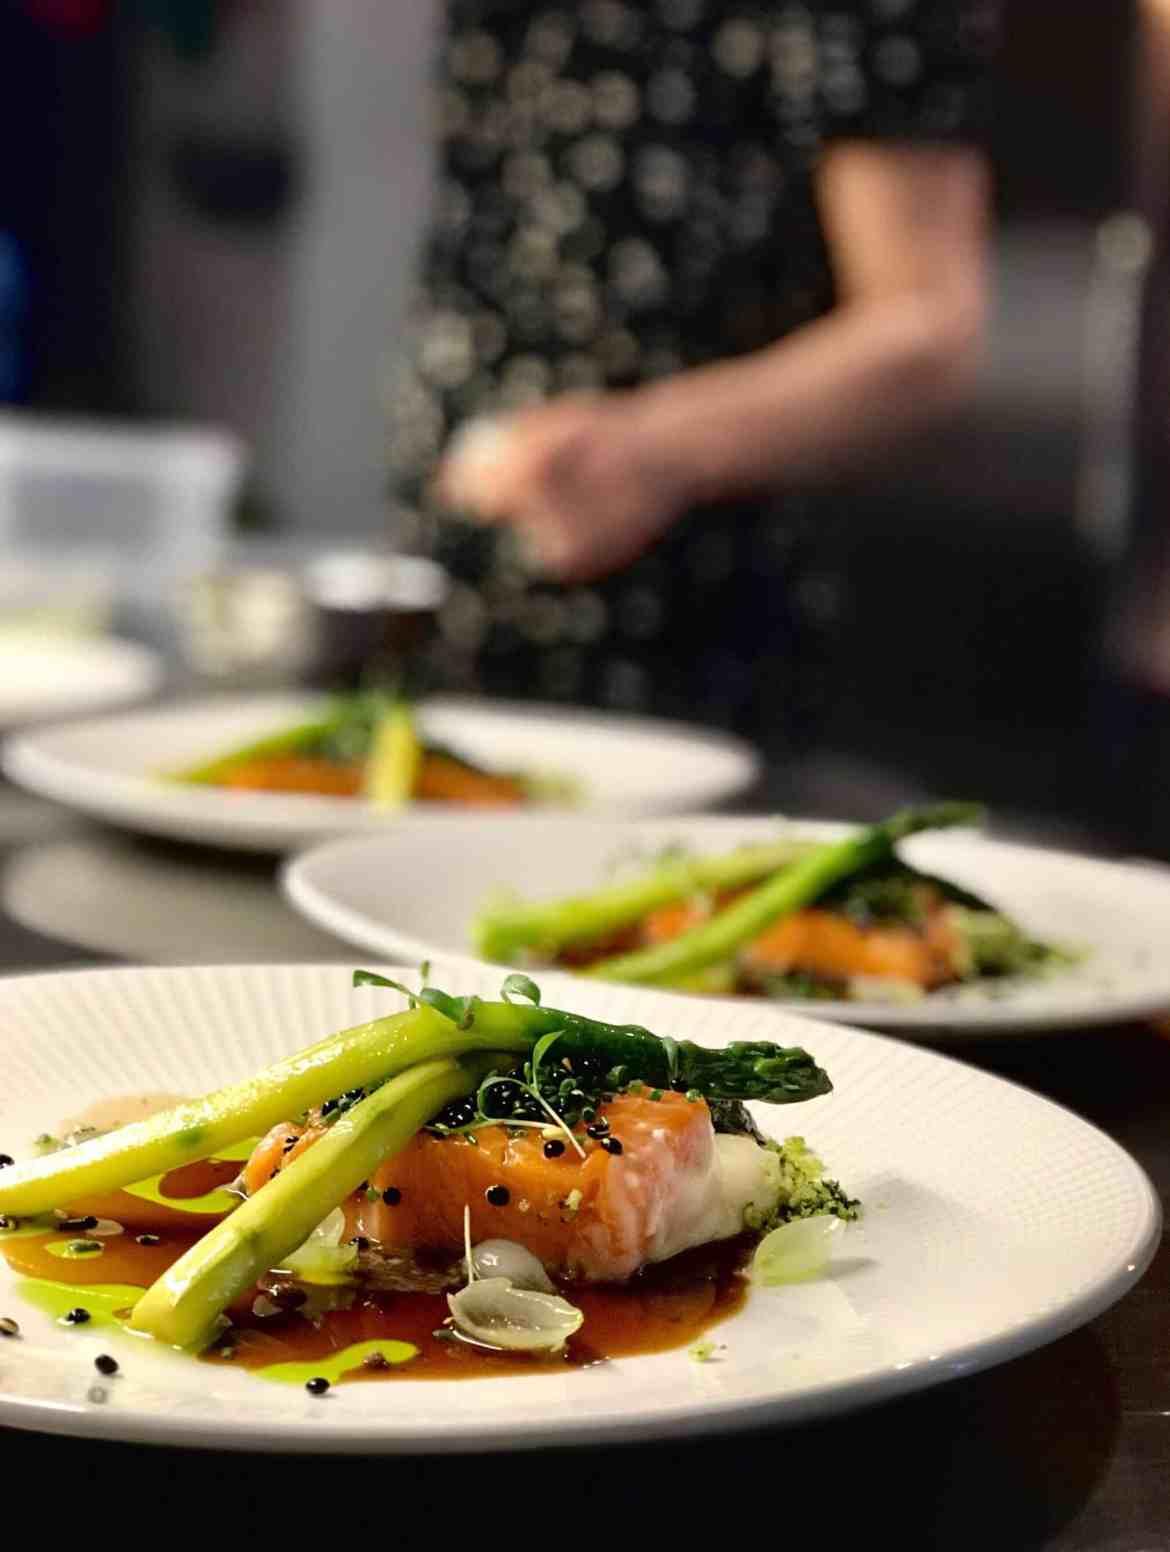 Food photgraphy Marbella